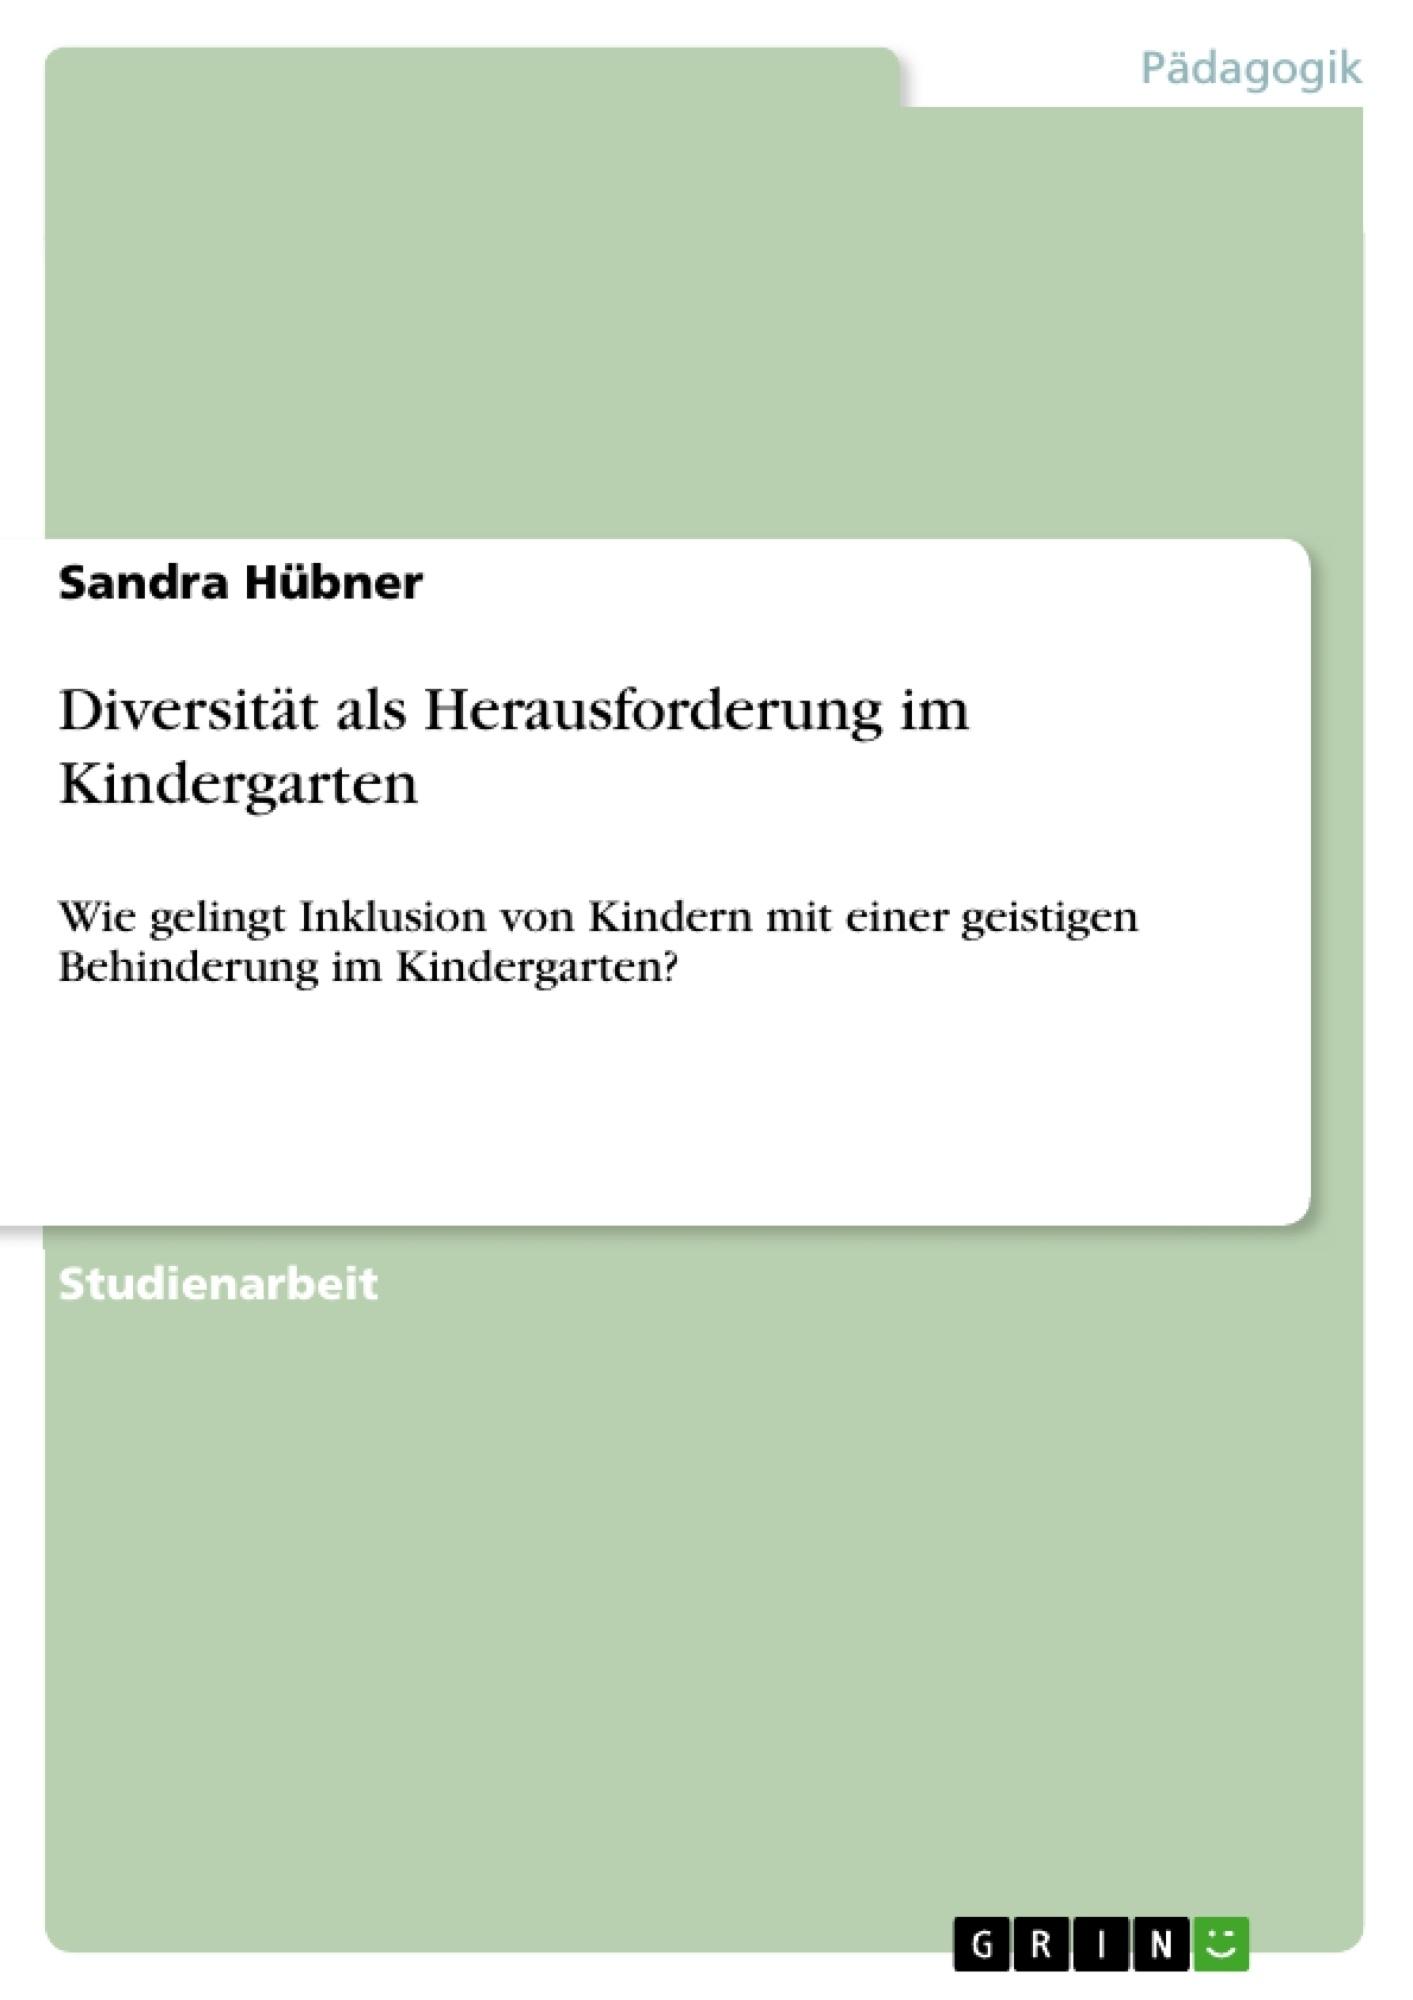 Titel: Diversität als Herausforderung im Kindergarten